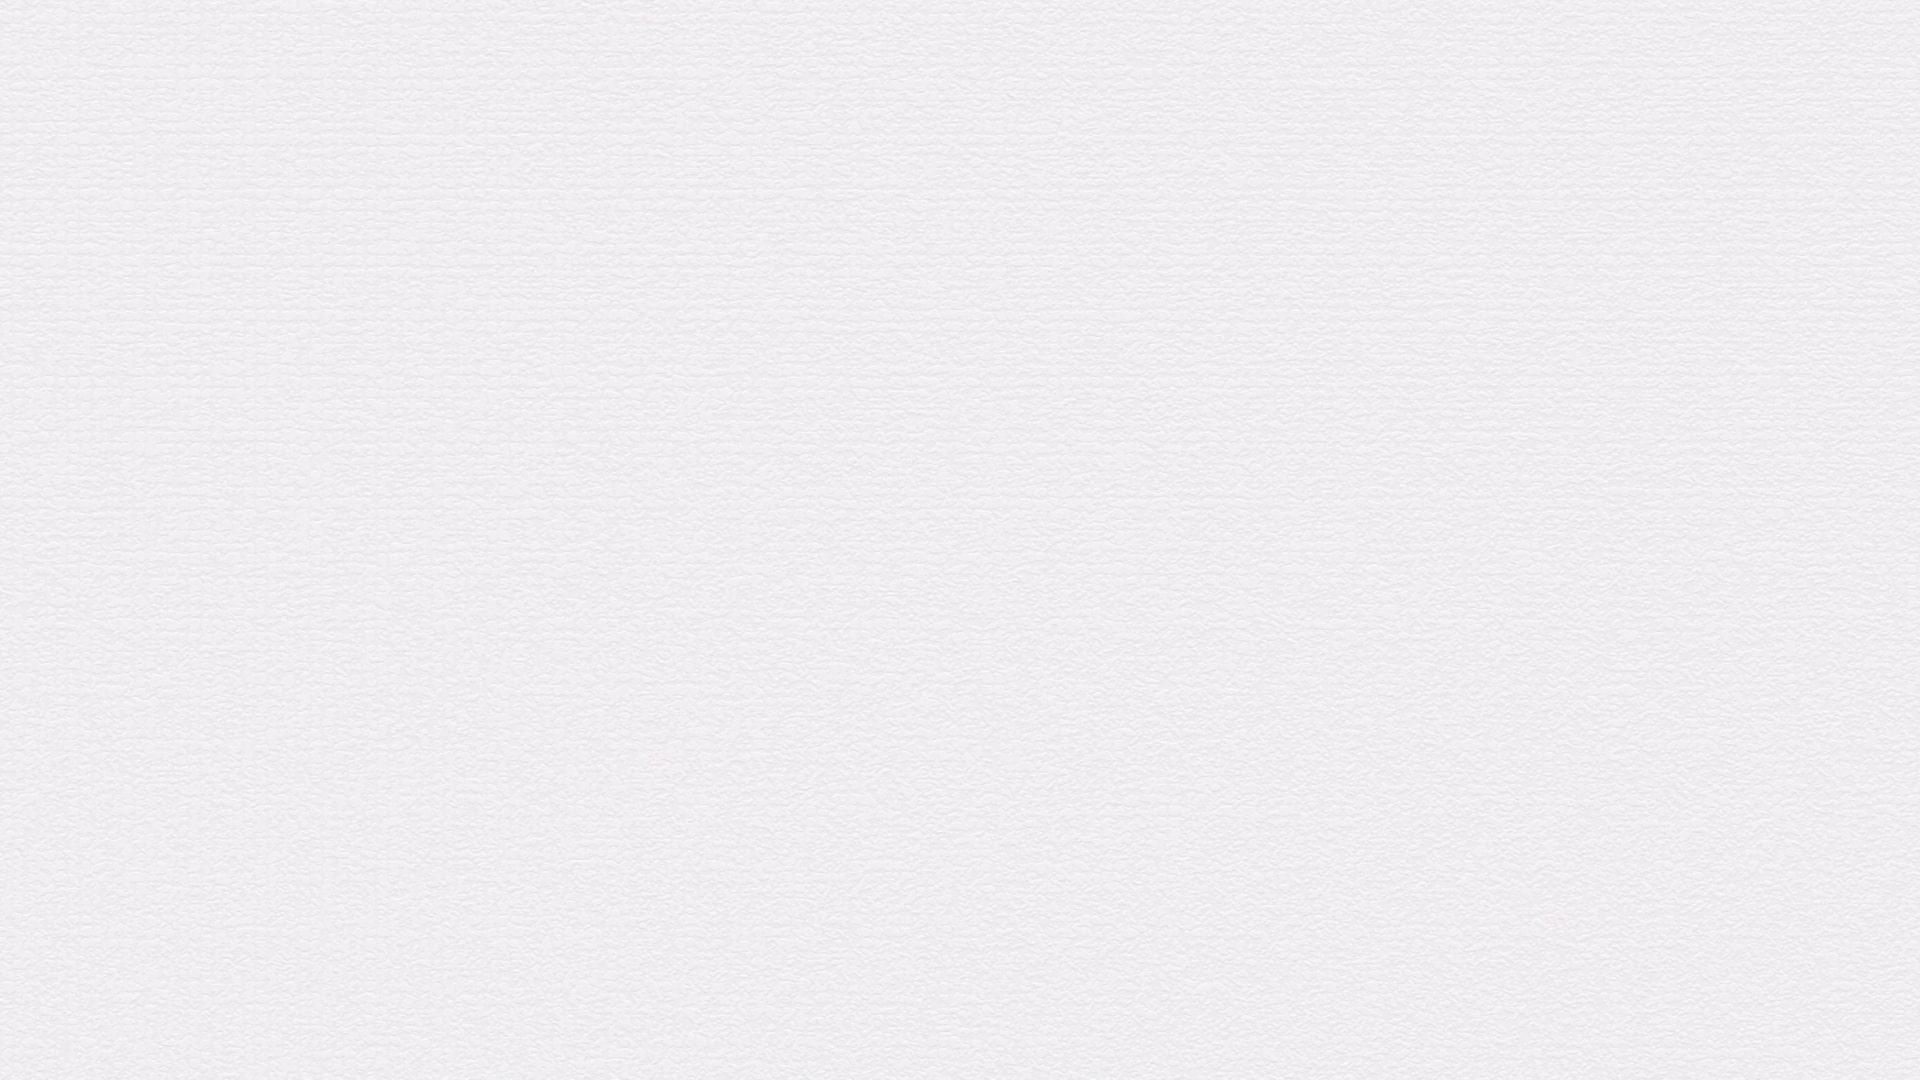 一般的な壁模様1_white